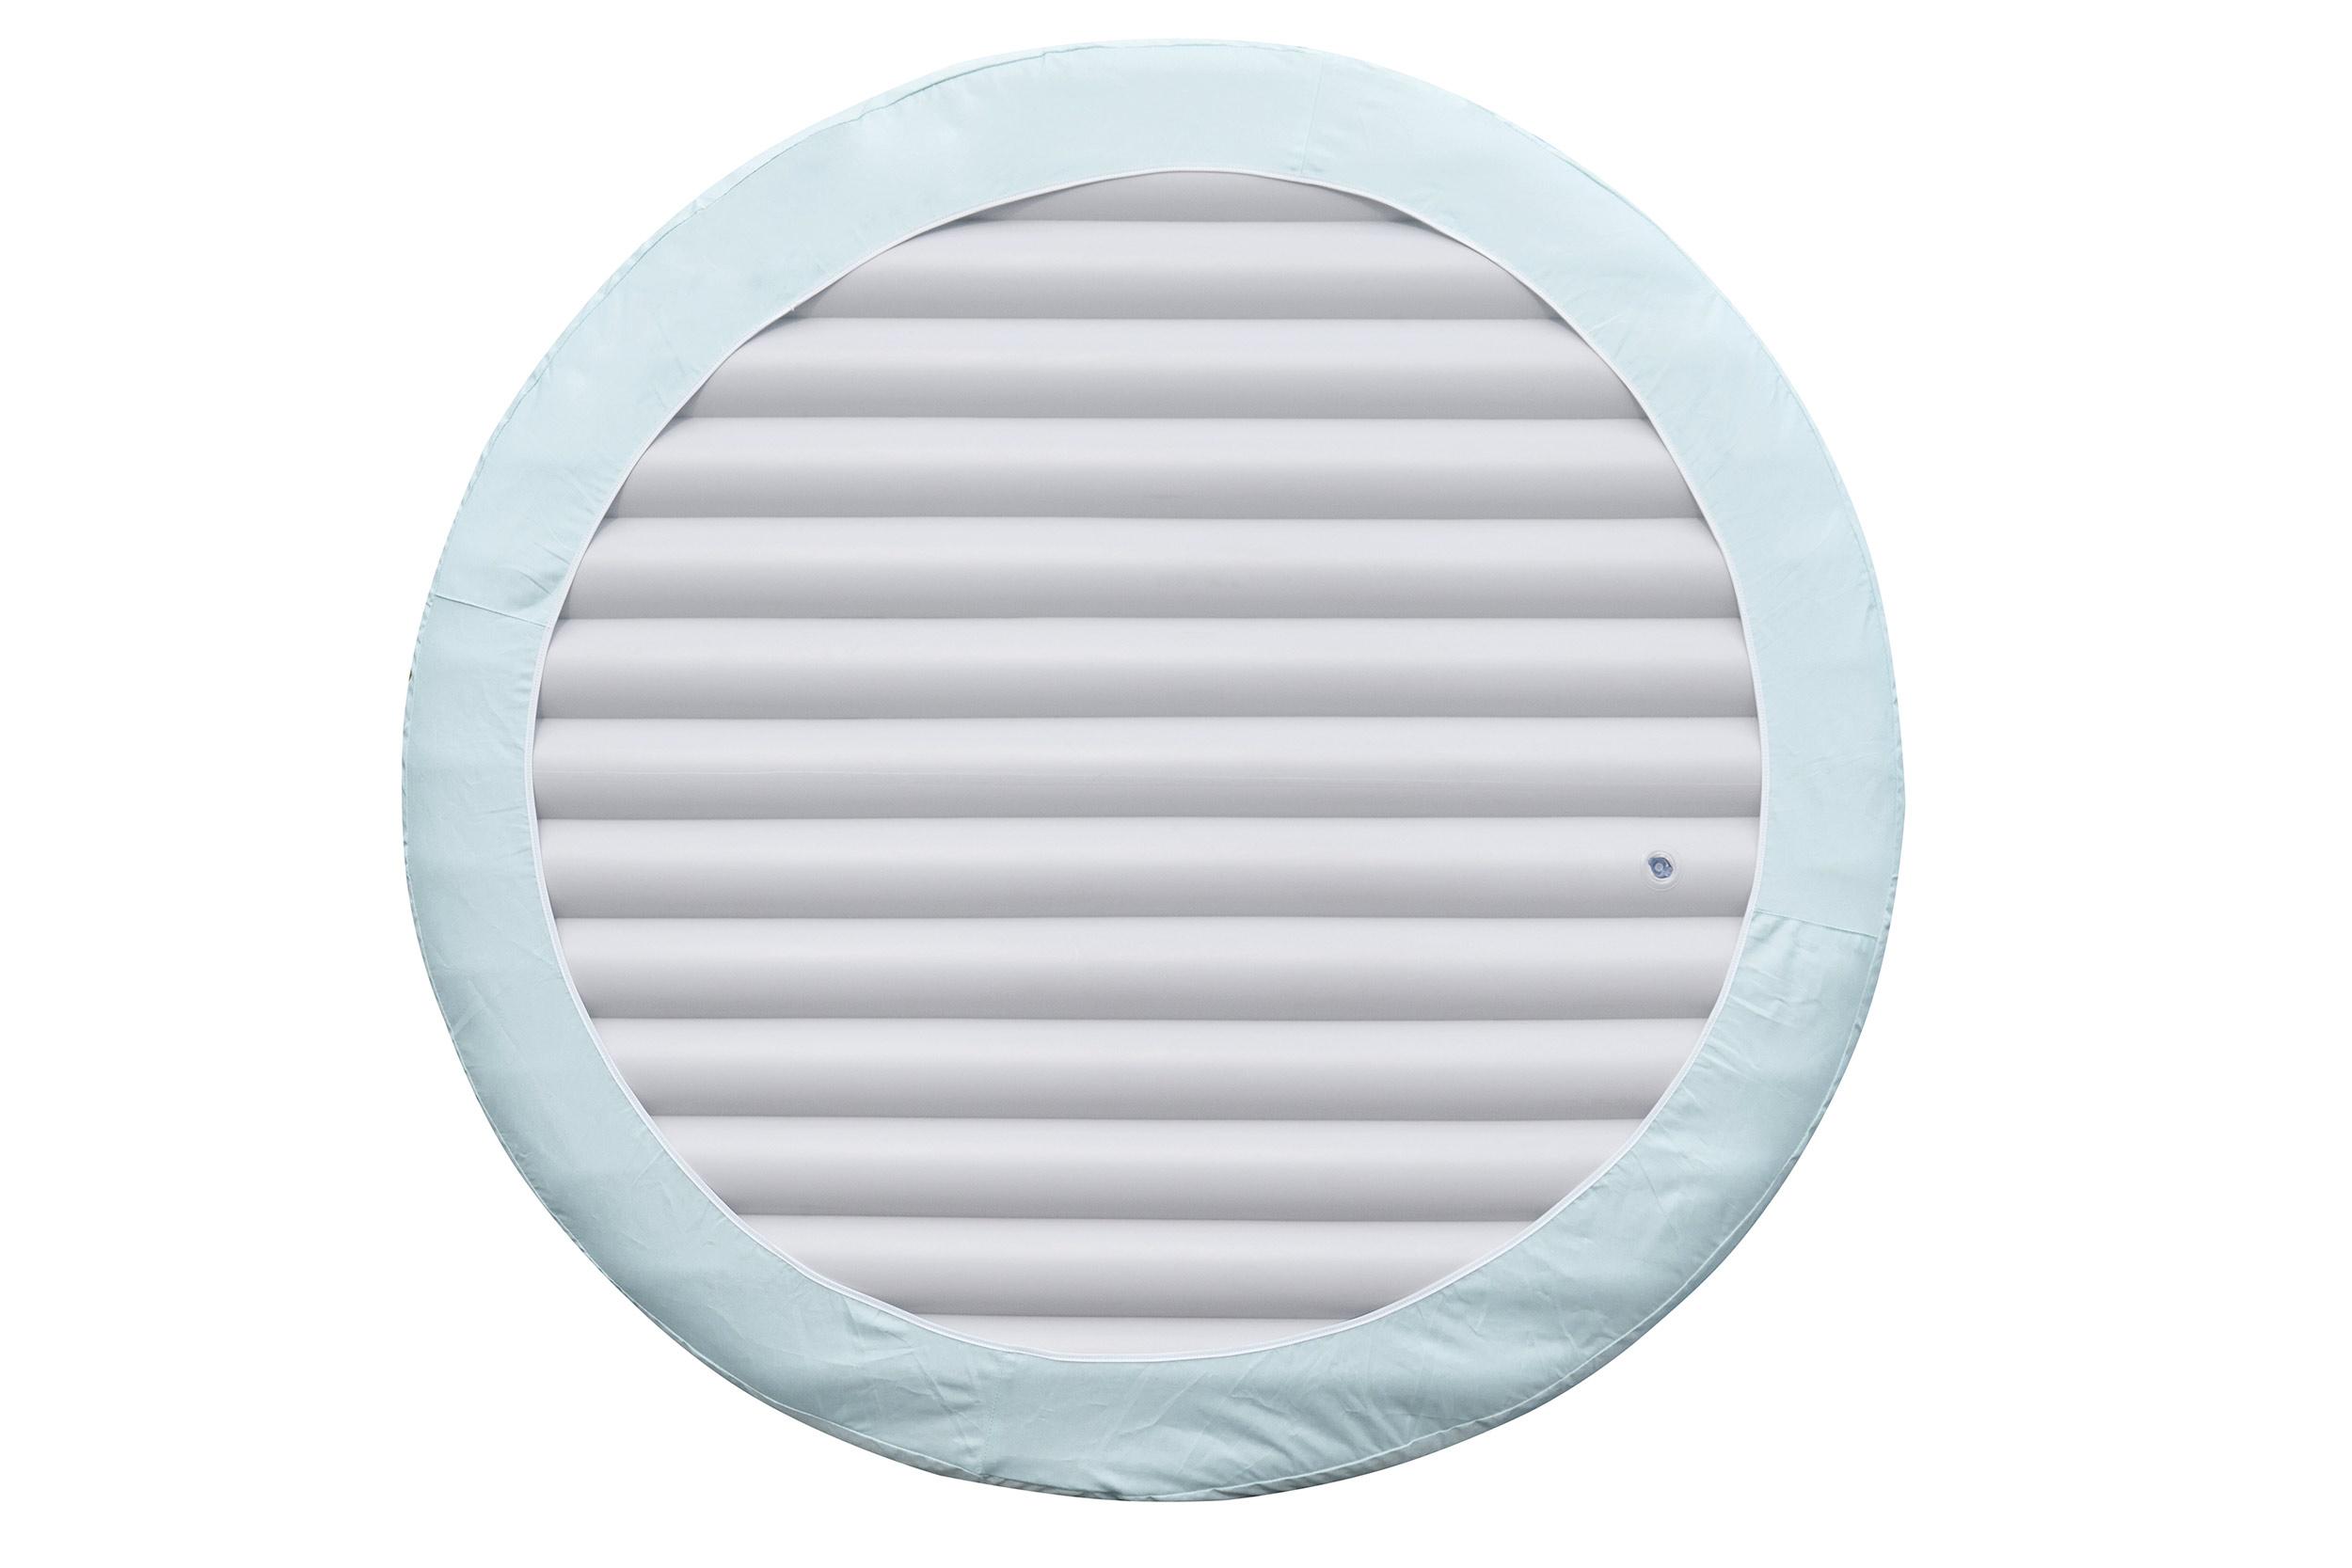 Aufblasbare Abdeckung für Whirlpool mit Clipverschluss